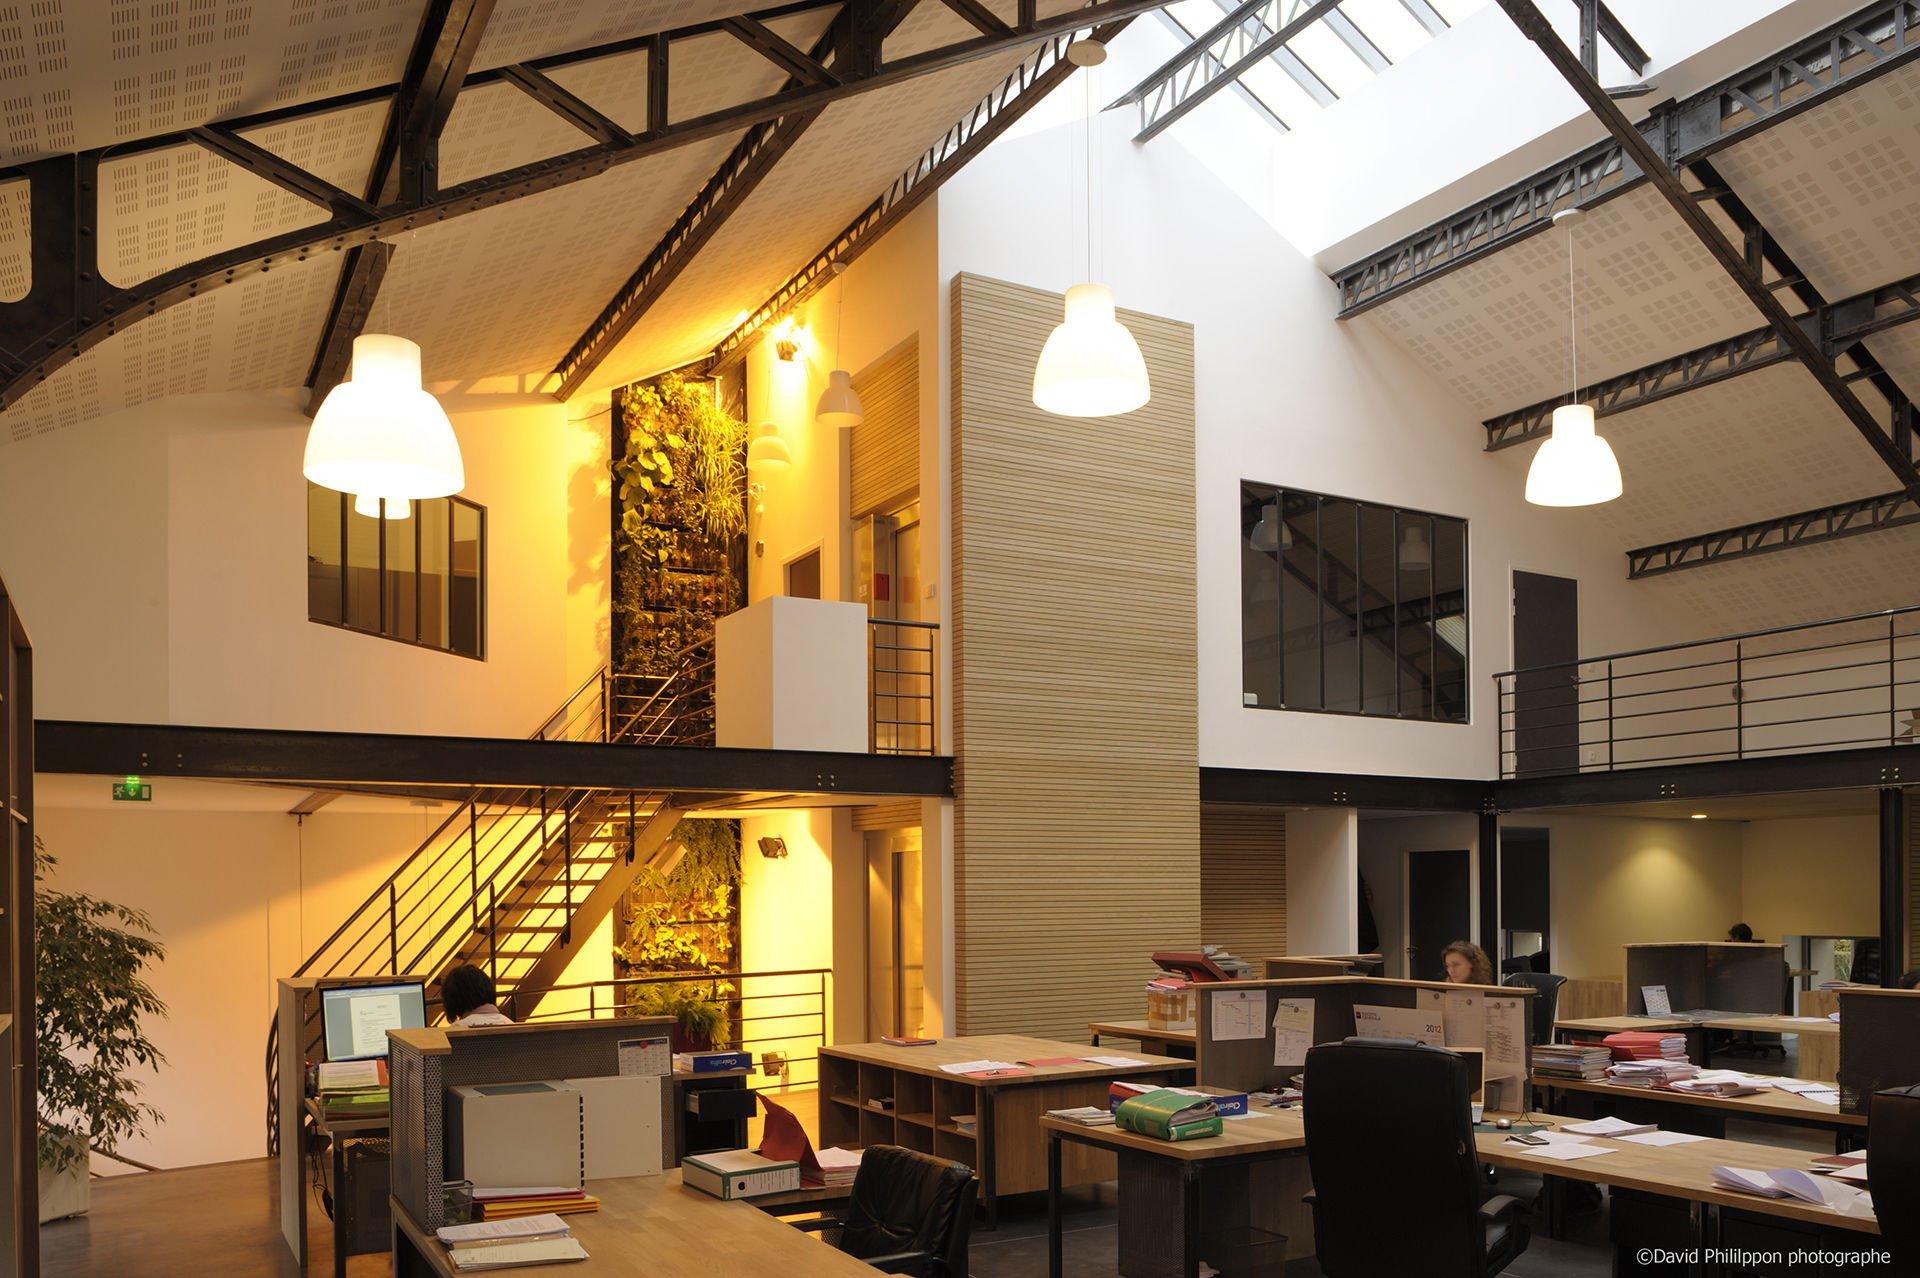 Prix de l'habitat durable 2015 – Monument historique en Passiv'Haus